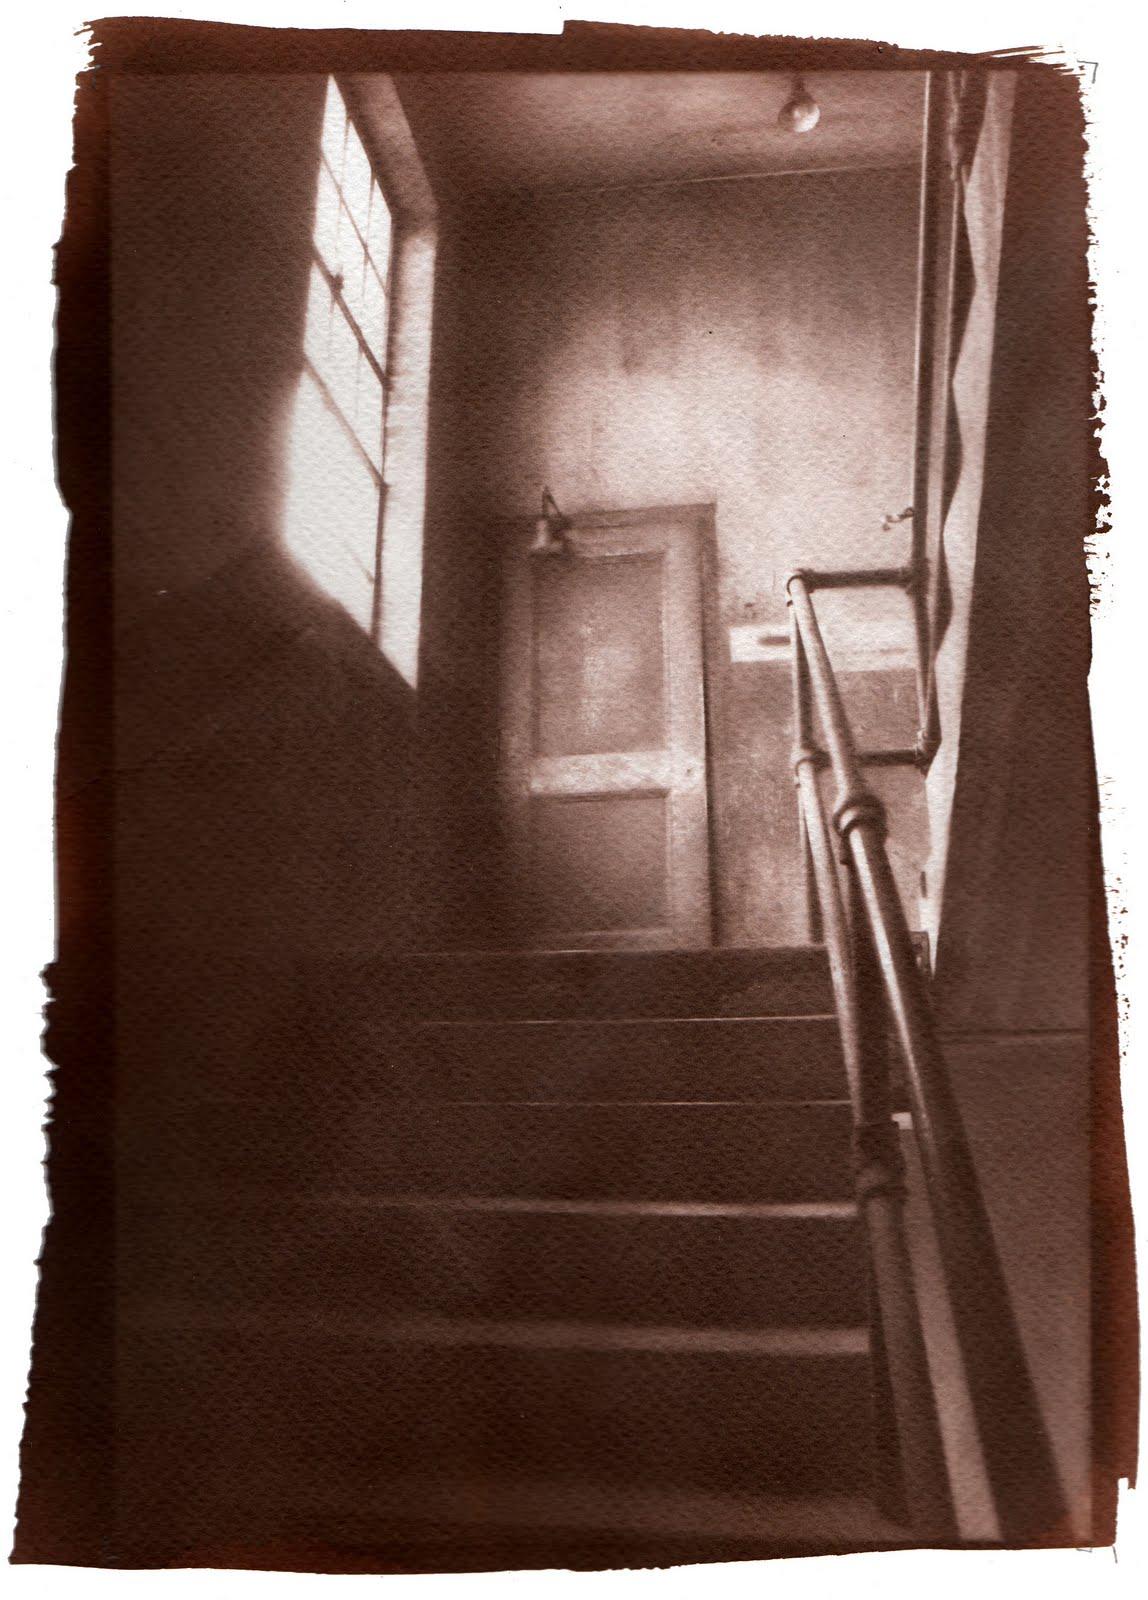 http://3.bp.blogspot.com/__PKizKOU8Bo/TT8My0dCKrI/AAAAAAAAA7w/-L0_t2SA7tQ/s1600/Stairwell-Saltprint202.jpg